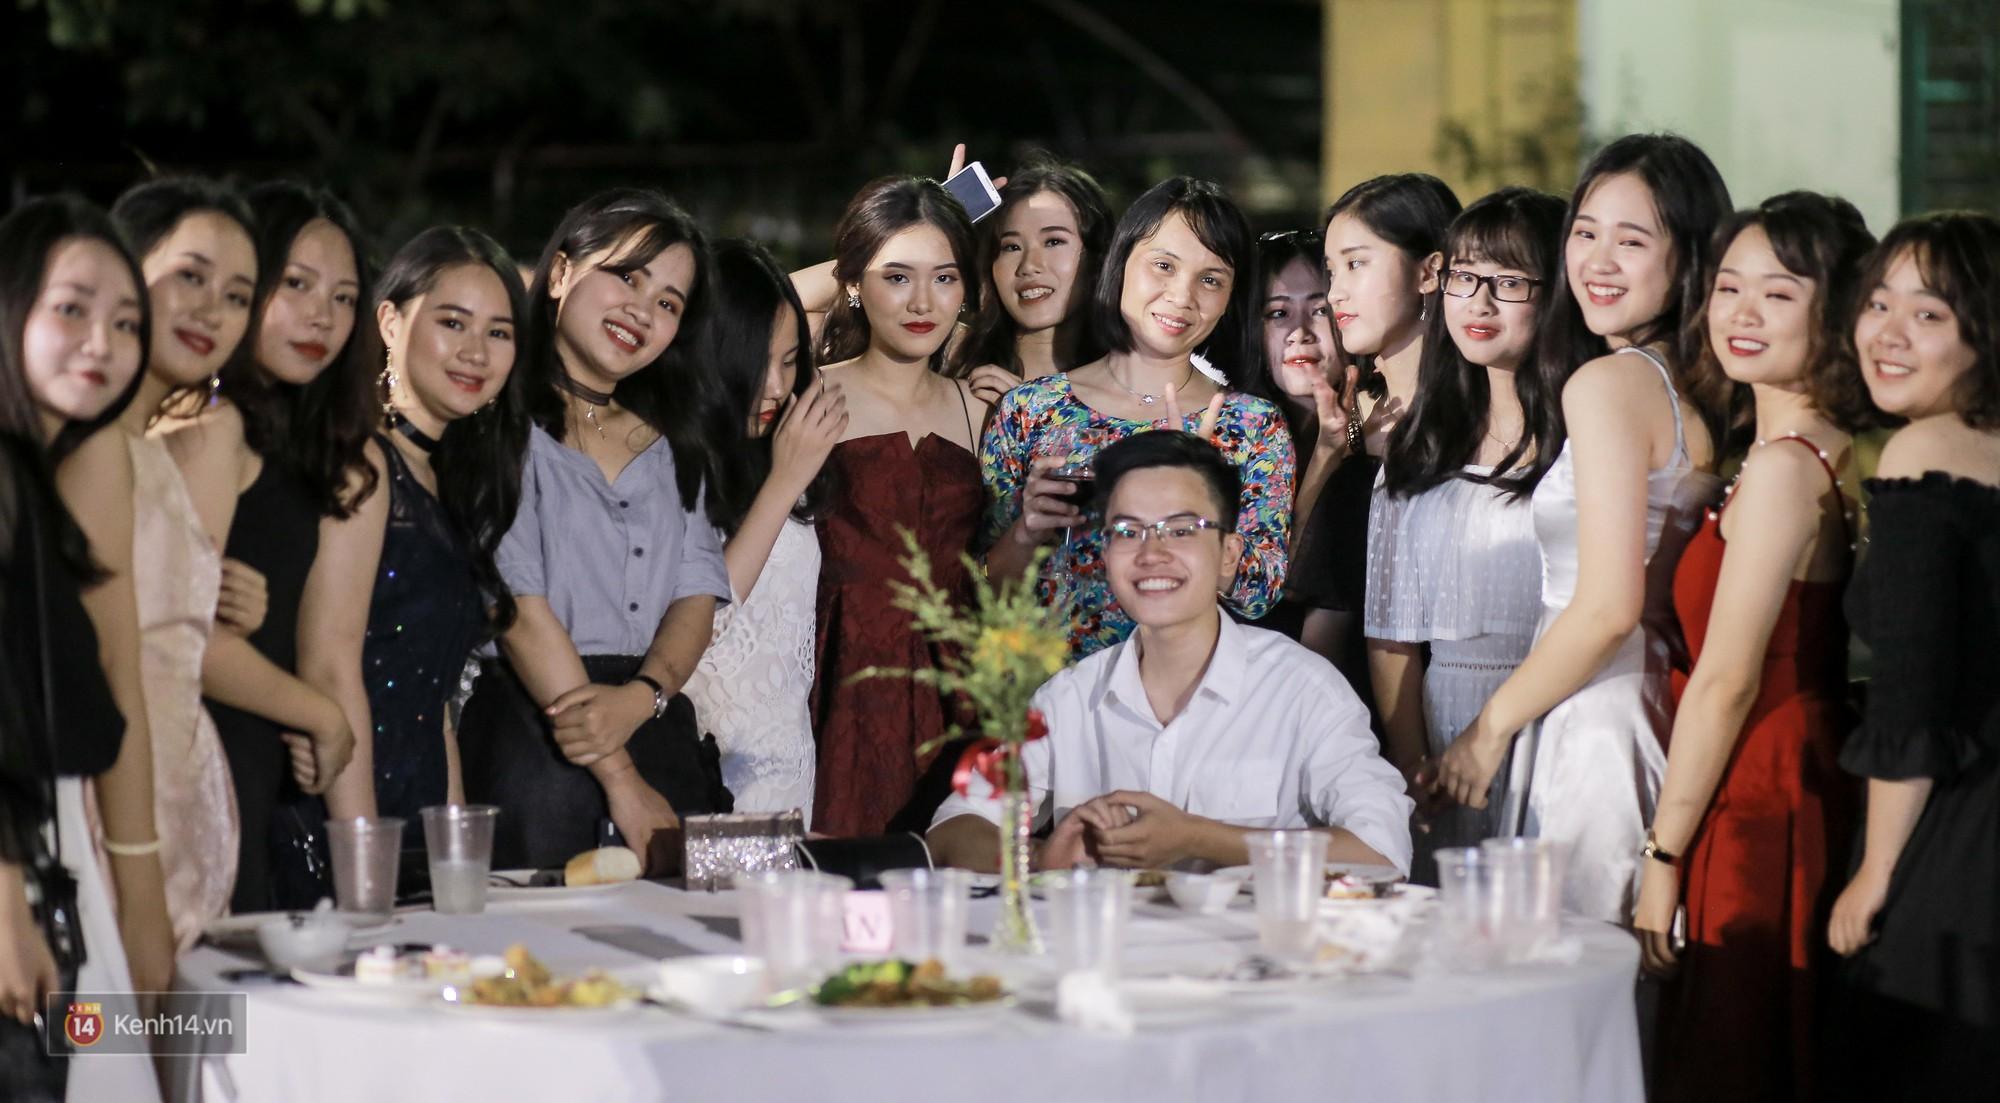 Nữ sinh Chu Văn An xinh ngẩn ngơ trong đêm tri ân/ trưởng thành - Ảnh 16.